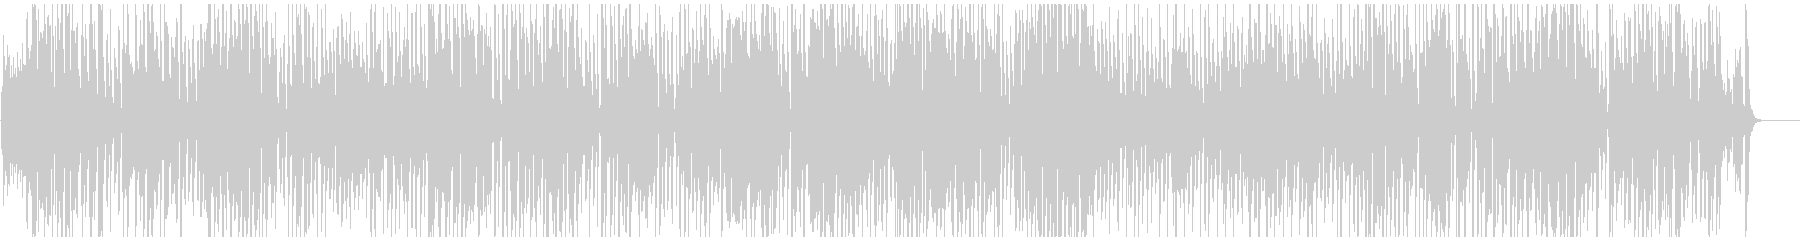 軽快でほんわか嬉しい気分のジプシージャズの未再生の波形